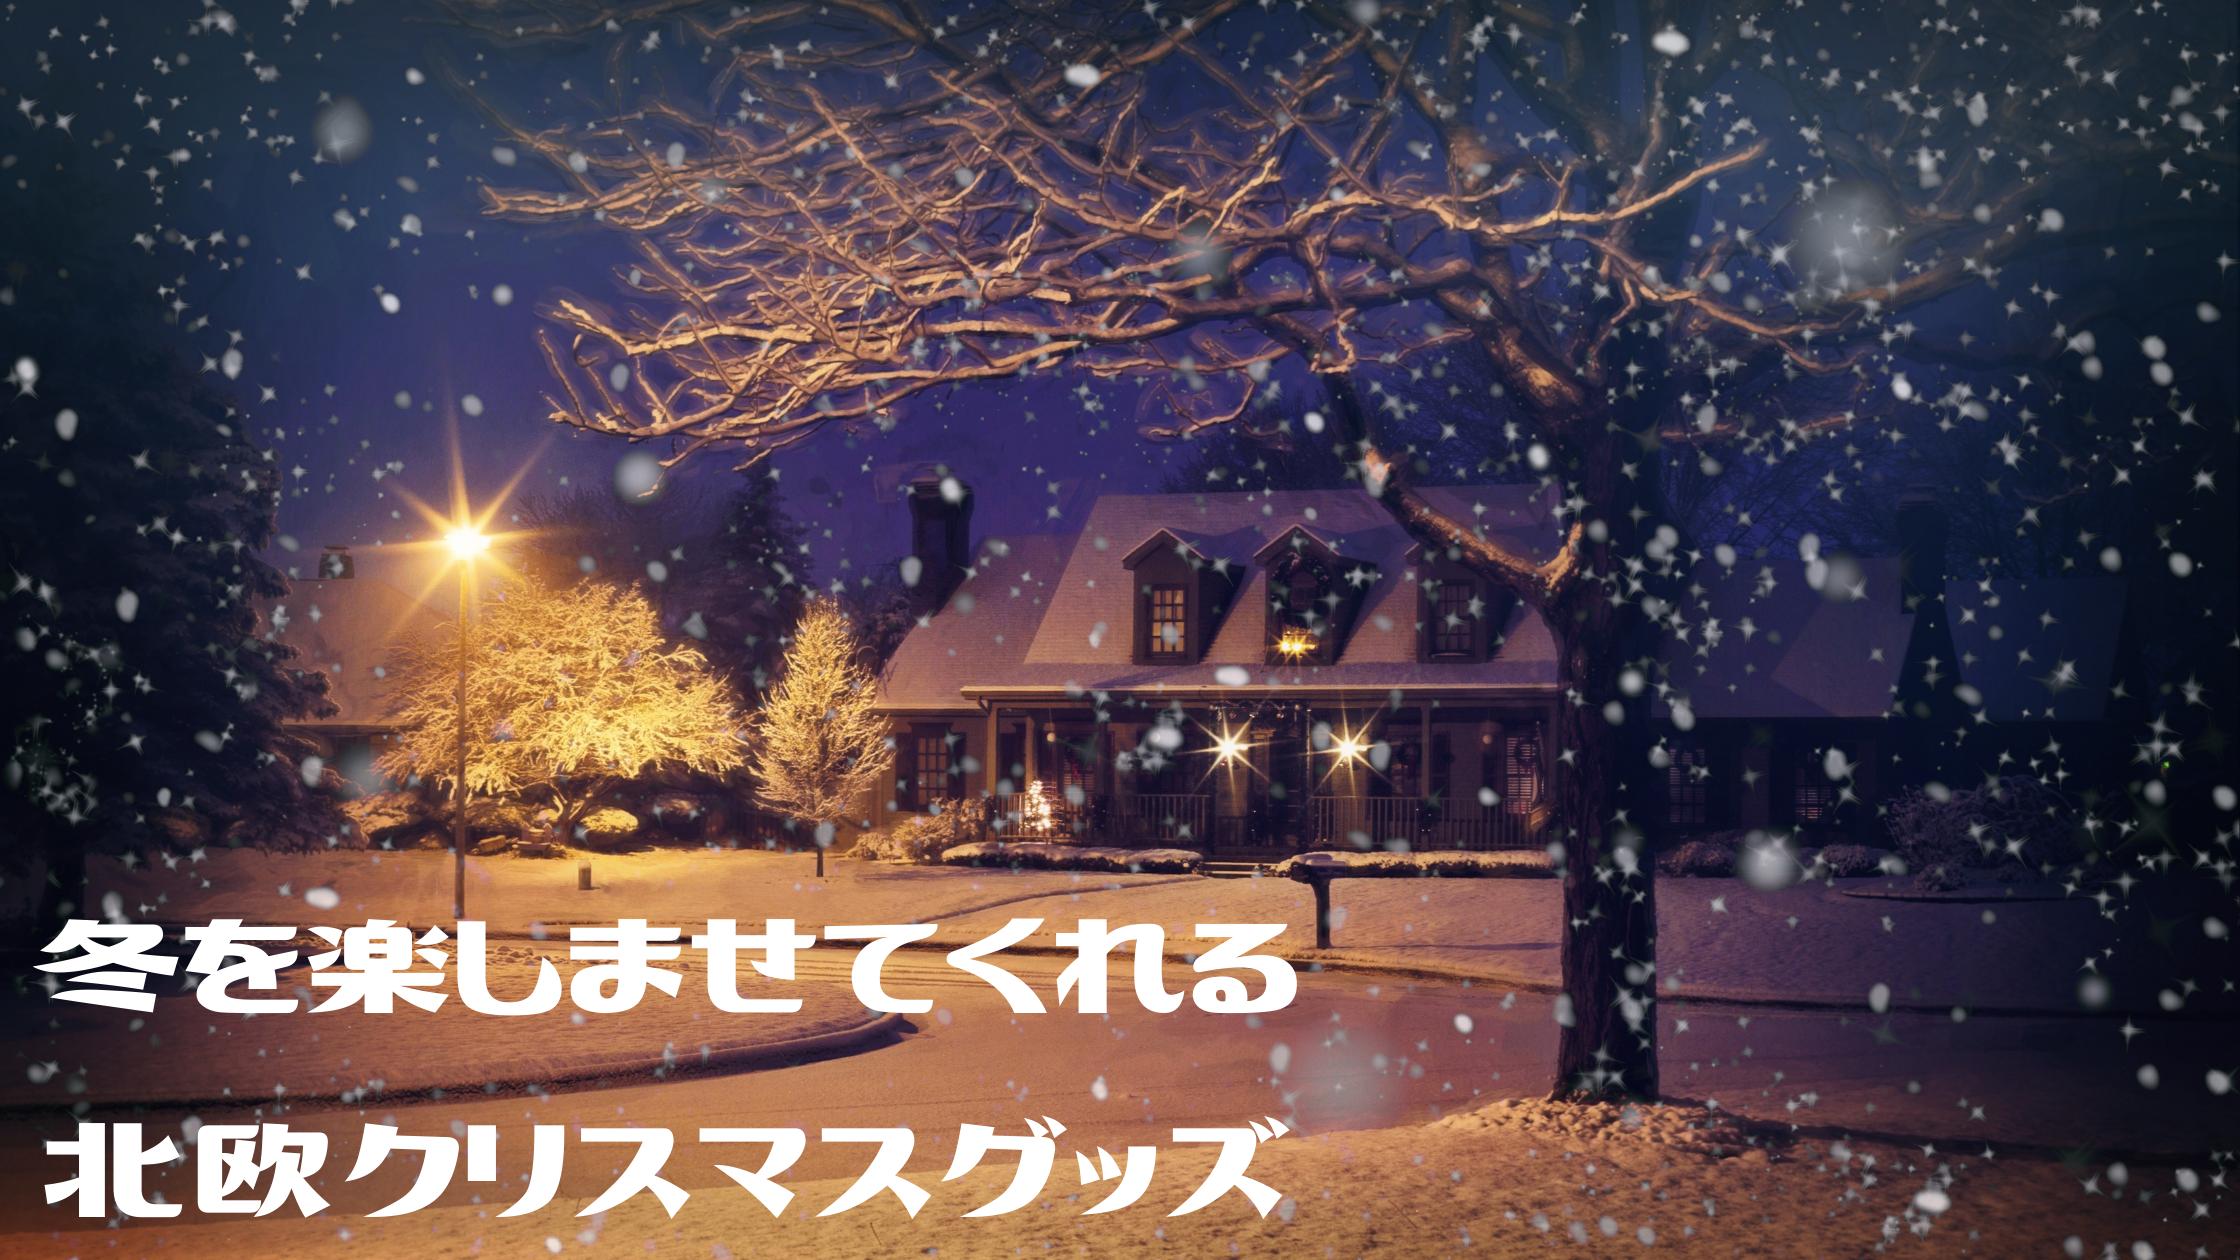 【王様のブランチ】北欧のクリスマスグッズで冬を楽しむ